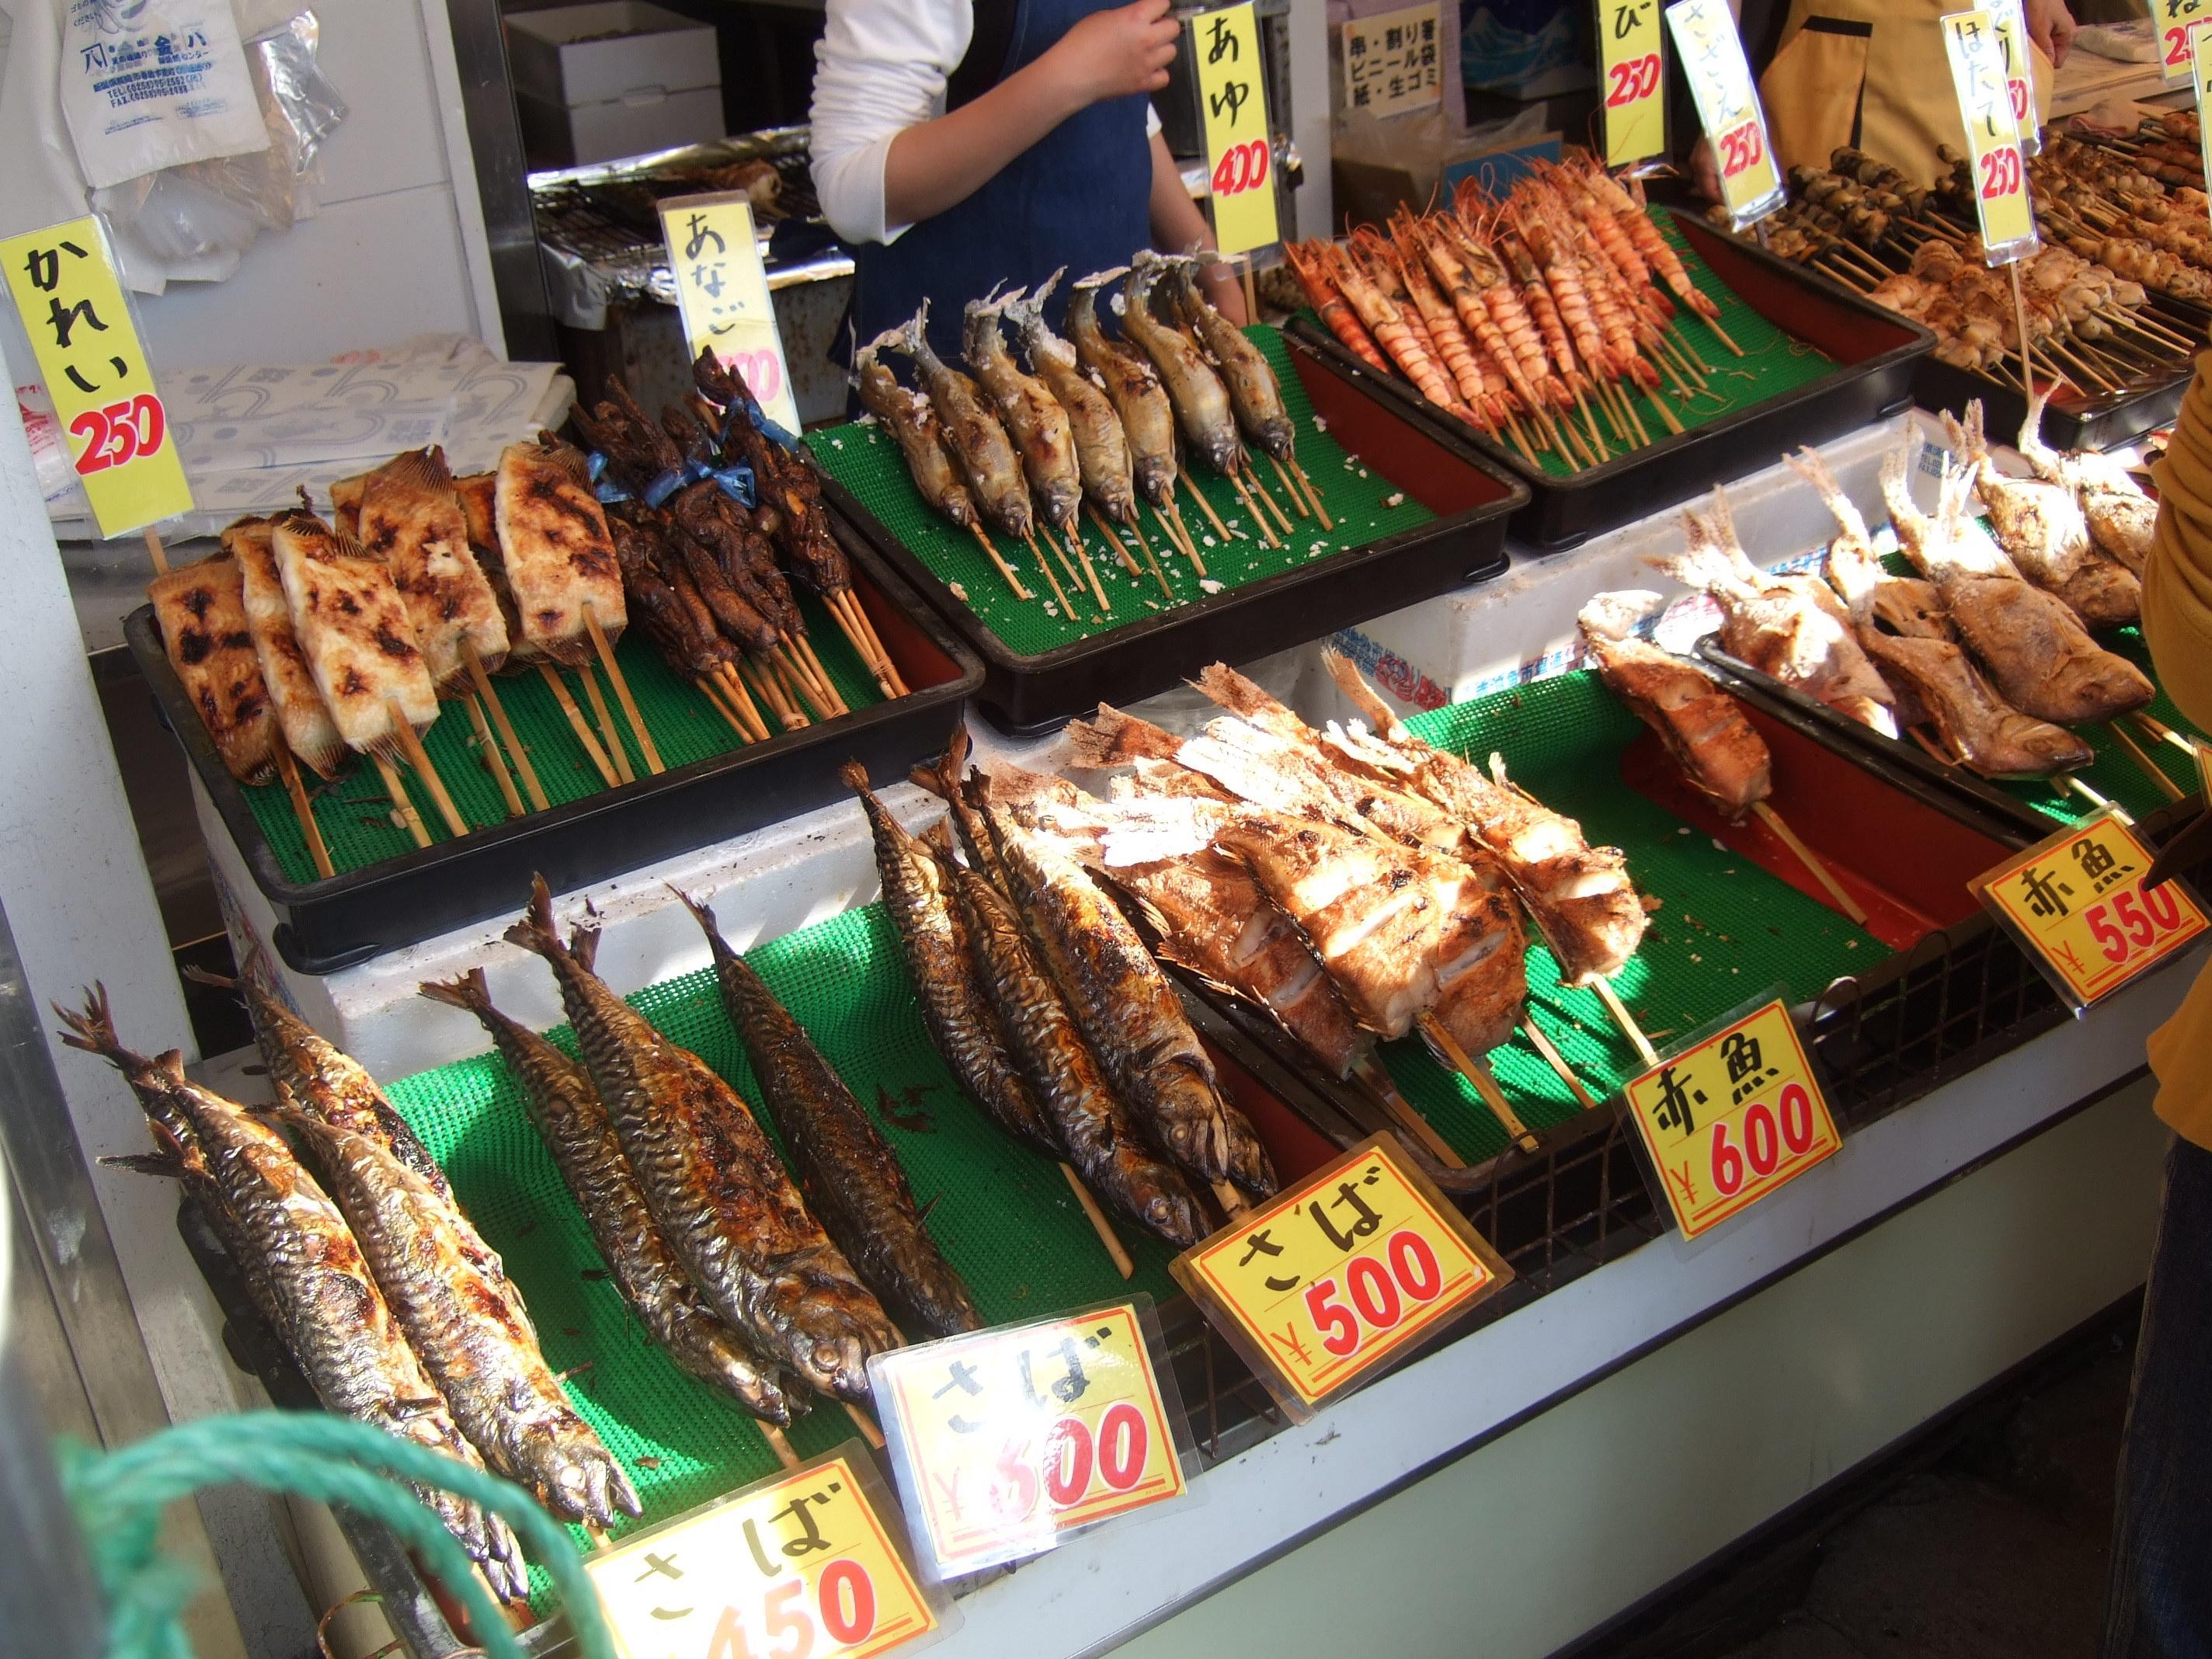 木更津の浜焼きを堪能!食べ放題の人気店などおす …